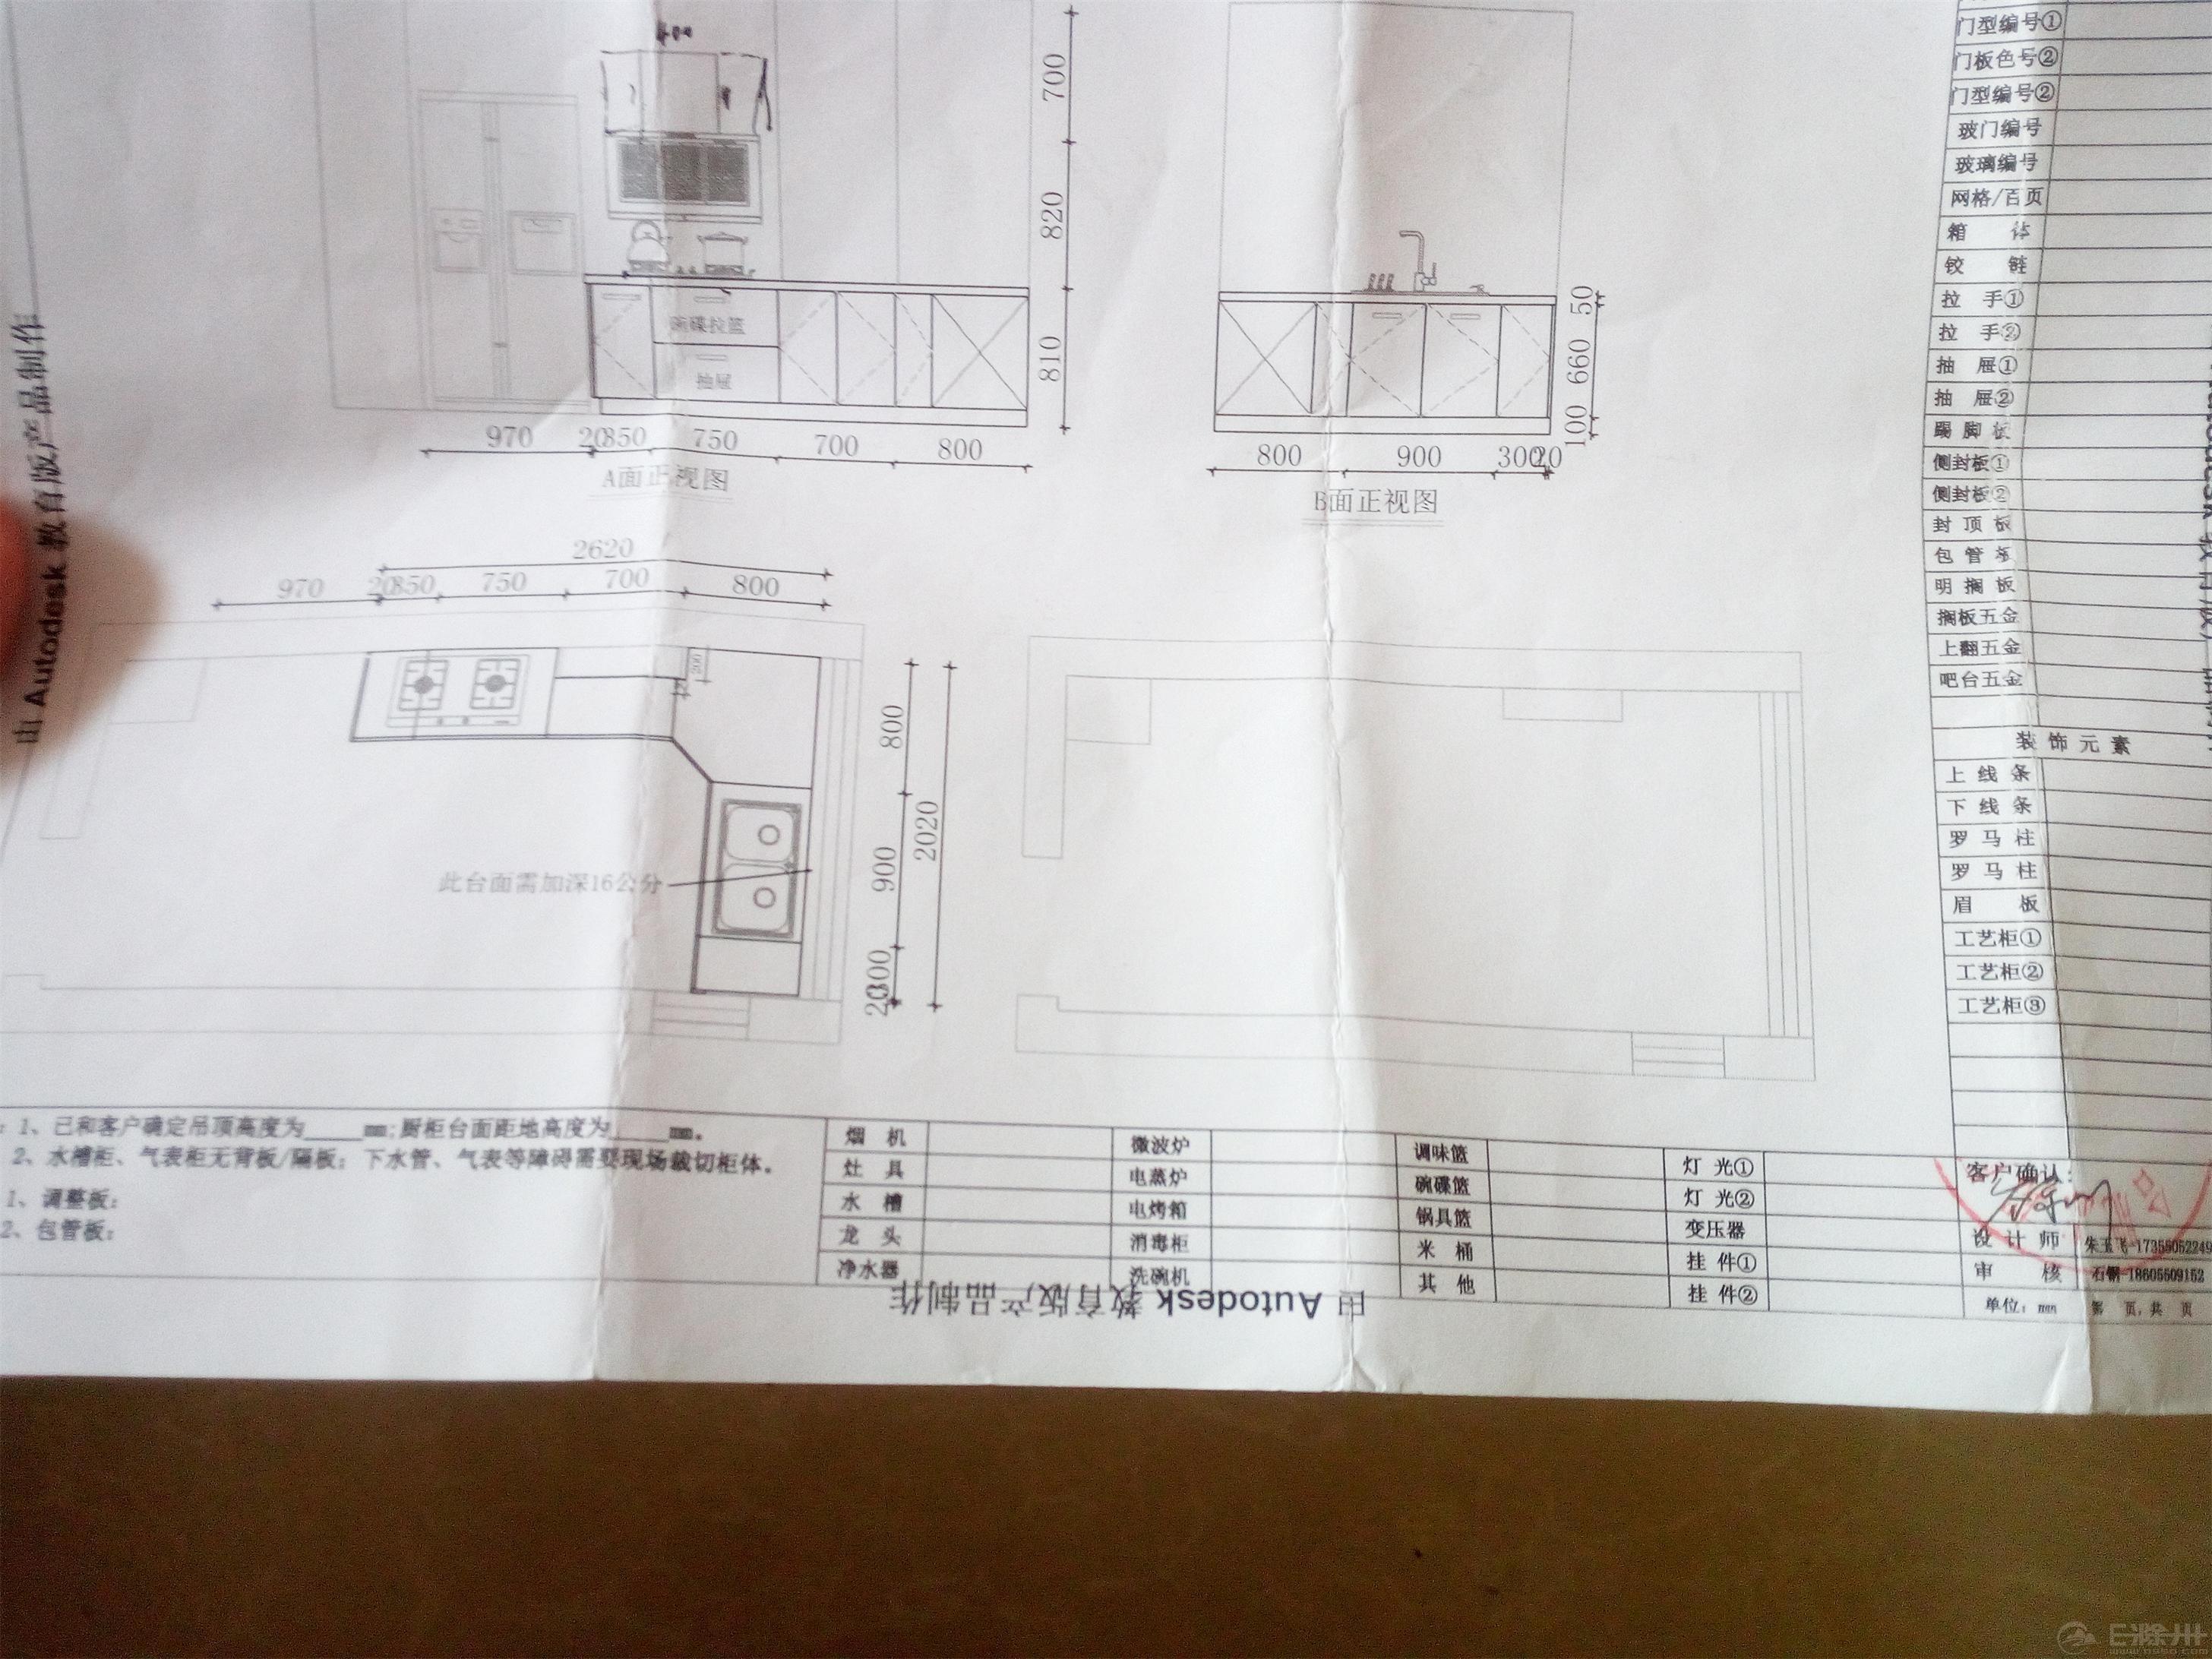 橱柜图纸.jpg